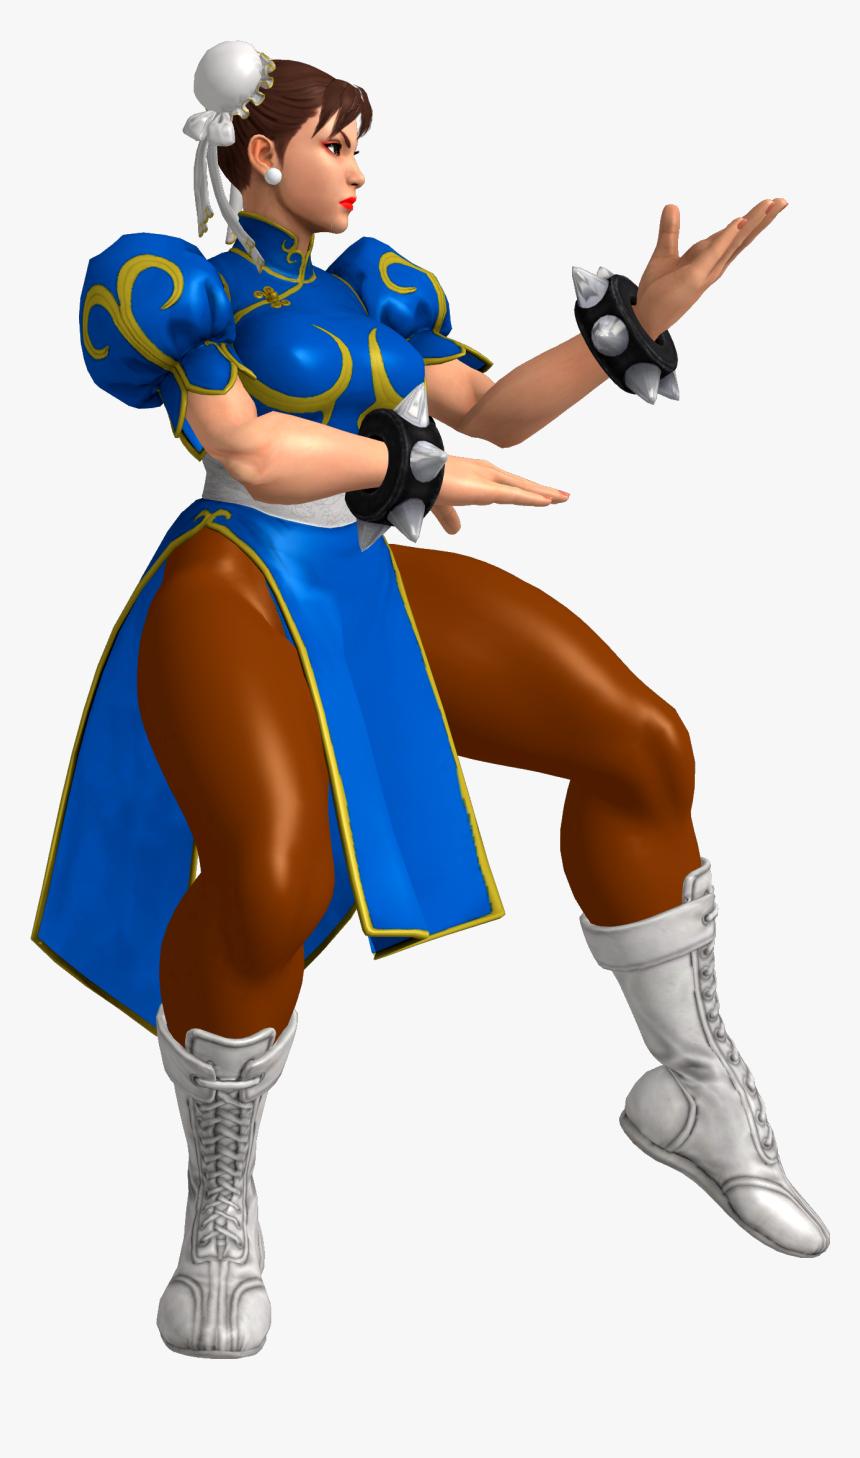 Chun-Li (Street Fighter)